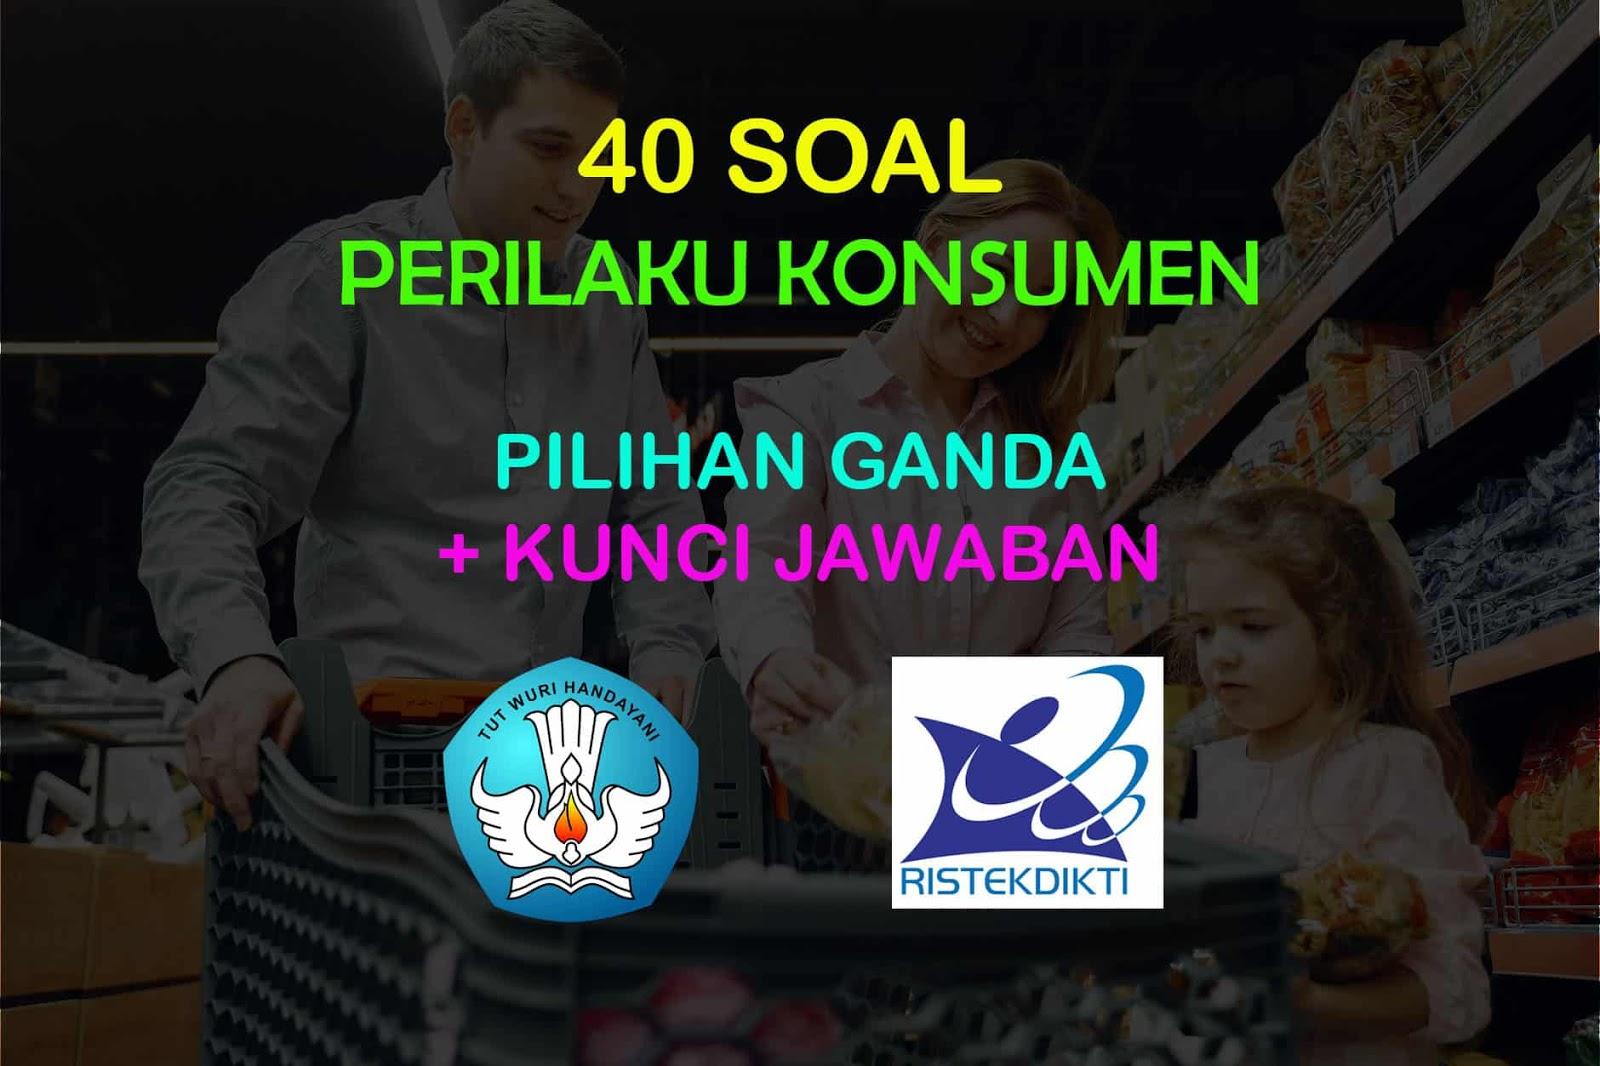 40 Soal Pilihan Ganda Perilaku Konsumen Dan Jawaban Muttaqin Id